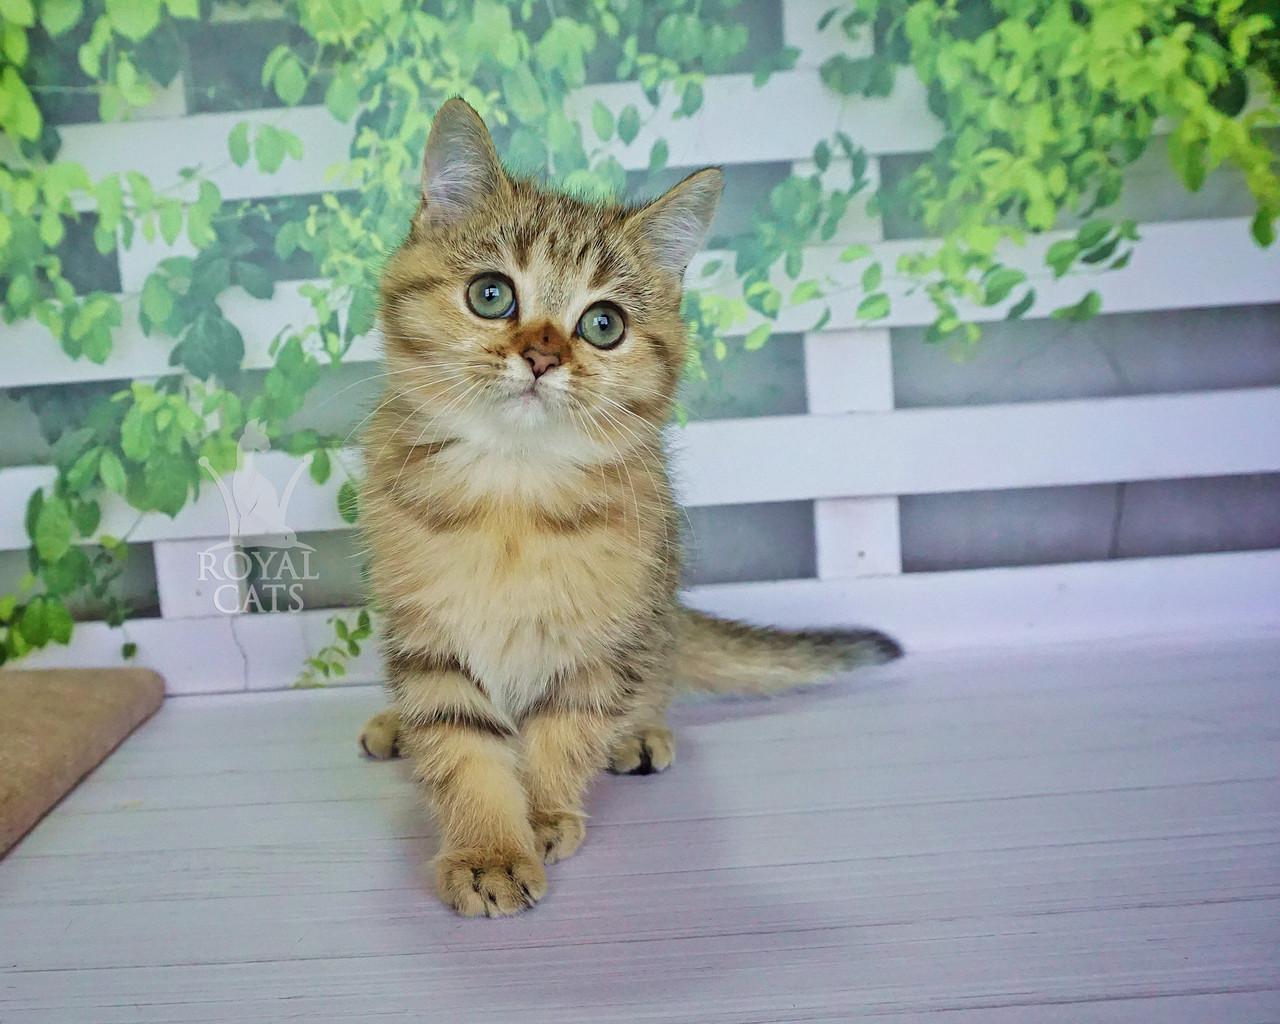 Кошечка шотландская прямоухая шиншилла, рождена 29.07.2020 в питомнике Royal Cats. Украина, Киев